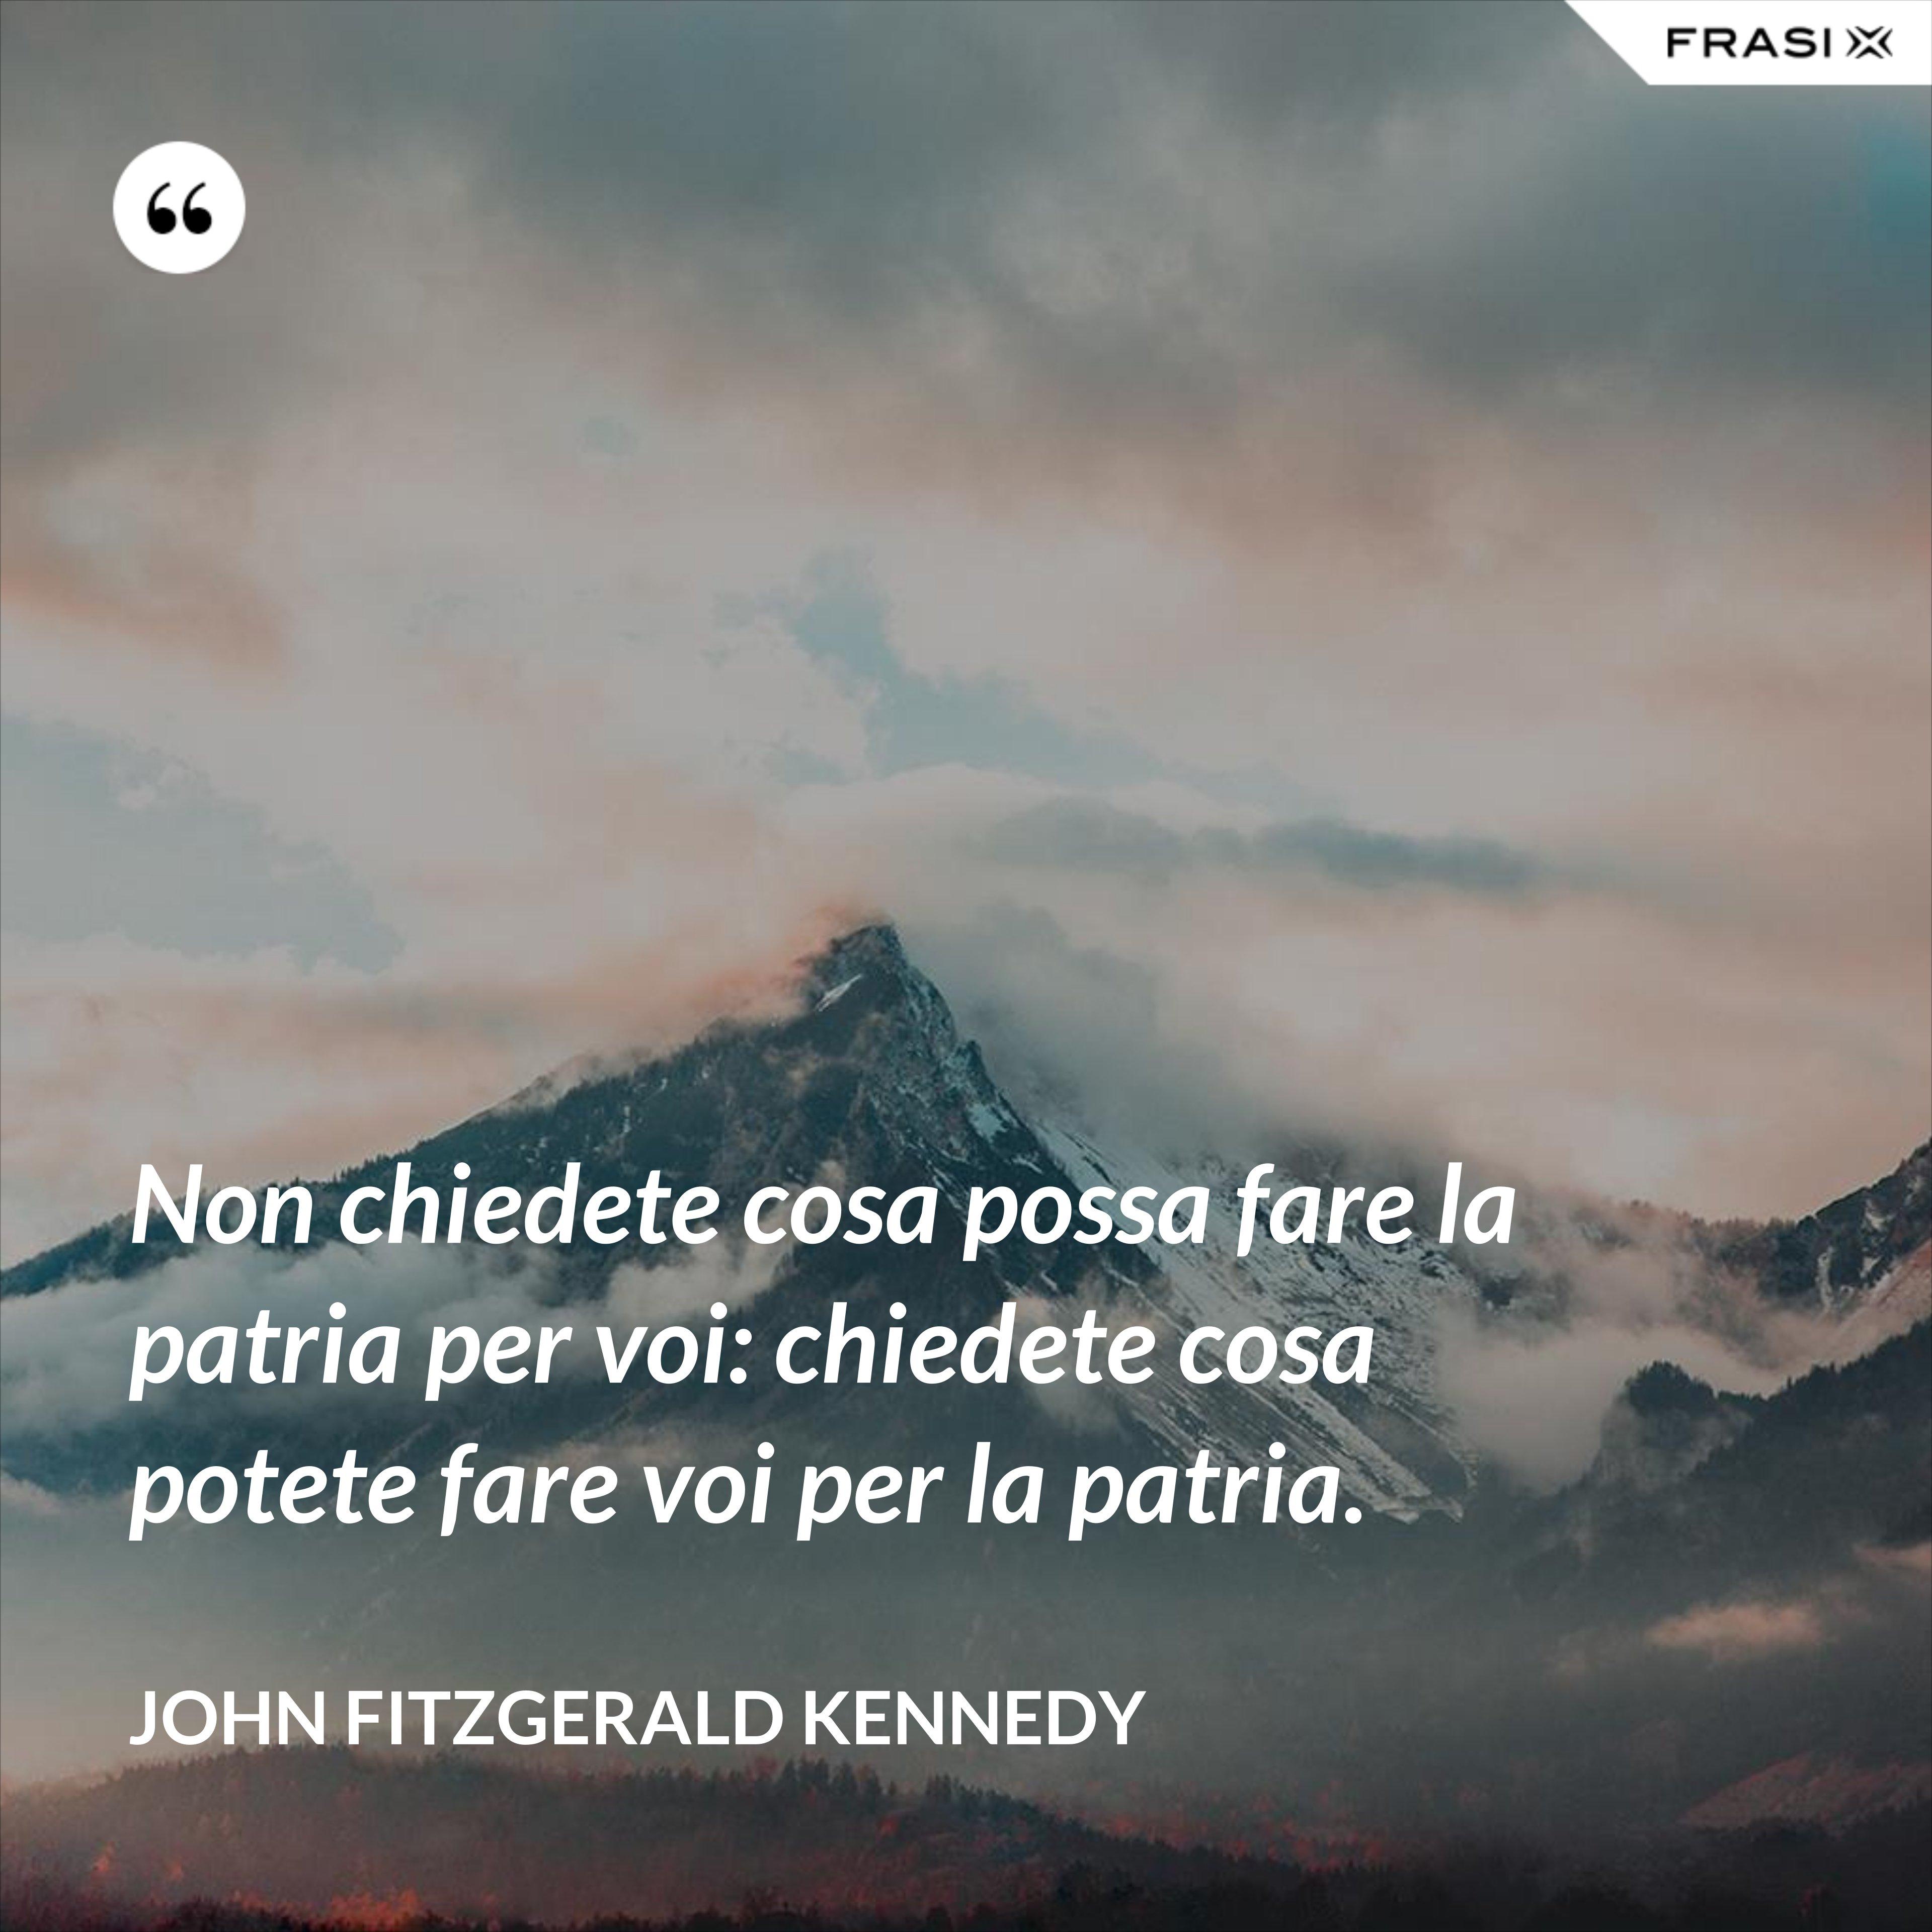 Non chiedete cosa possa fare la patria per voi: chiedete cosa potete fare voi per la patria. - John Fitzgerald Kennedy